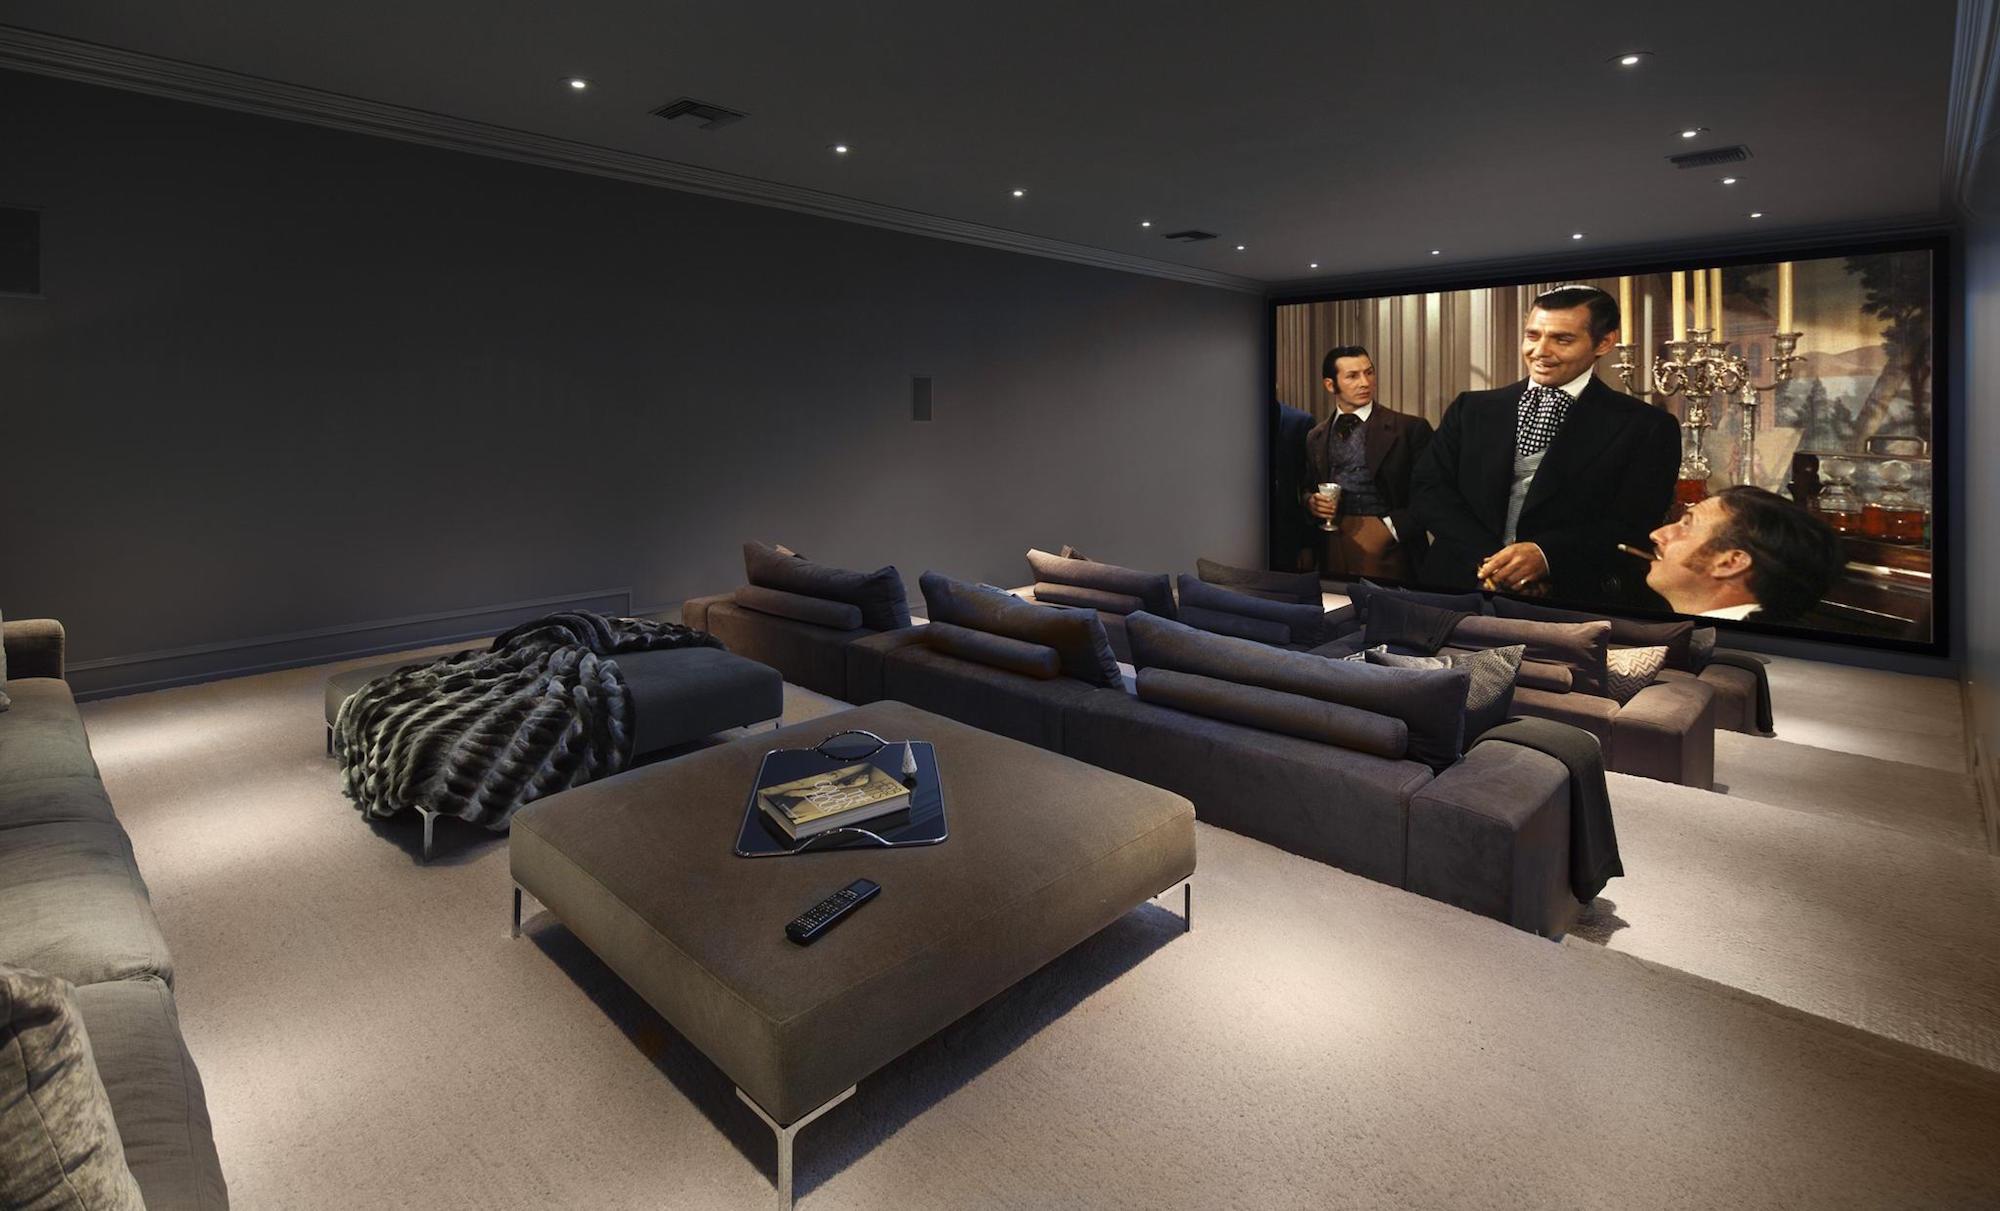 Das Beste für den Champ: Floyd Mayweather kauft Anwesen in Beverly Hills 6